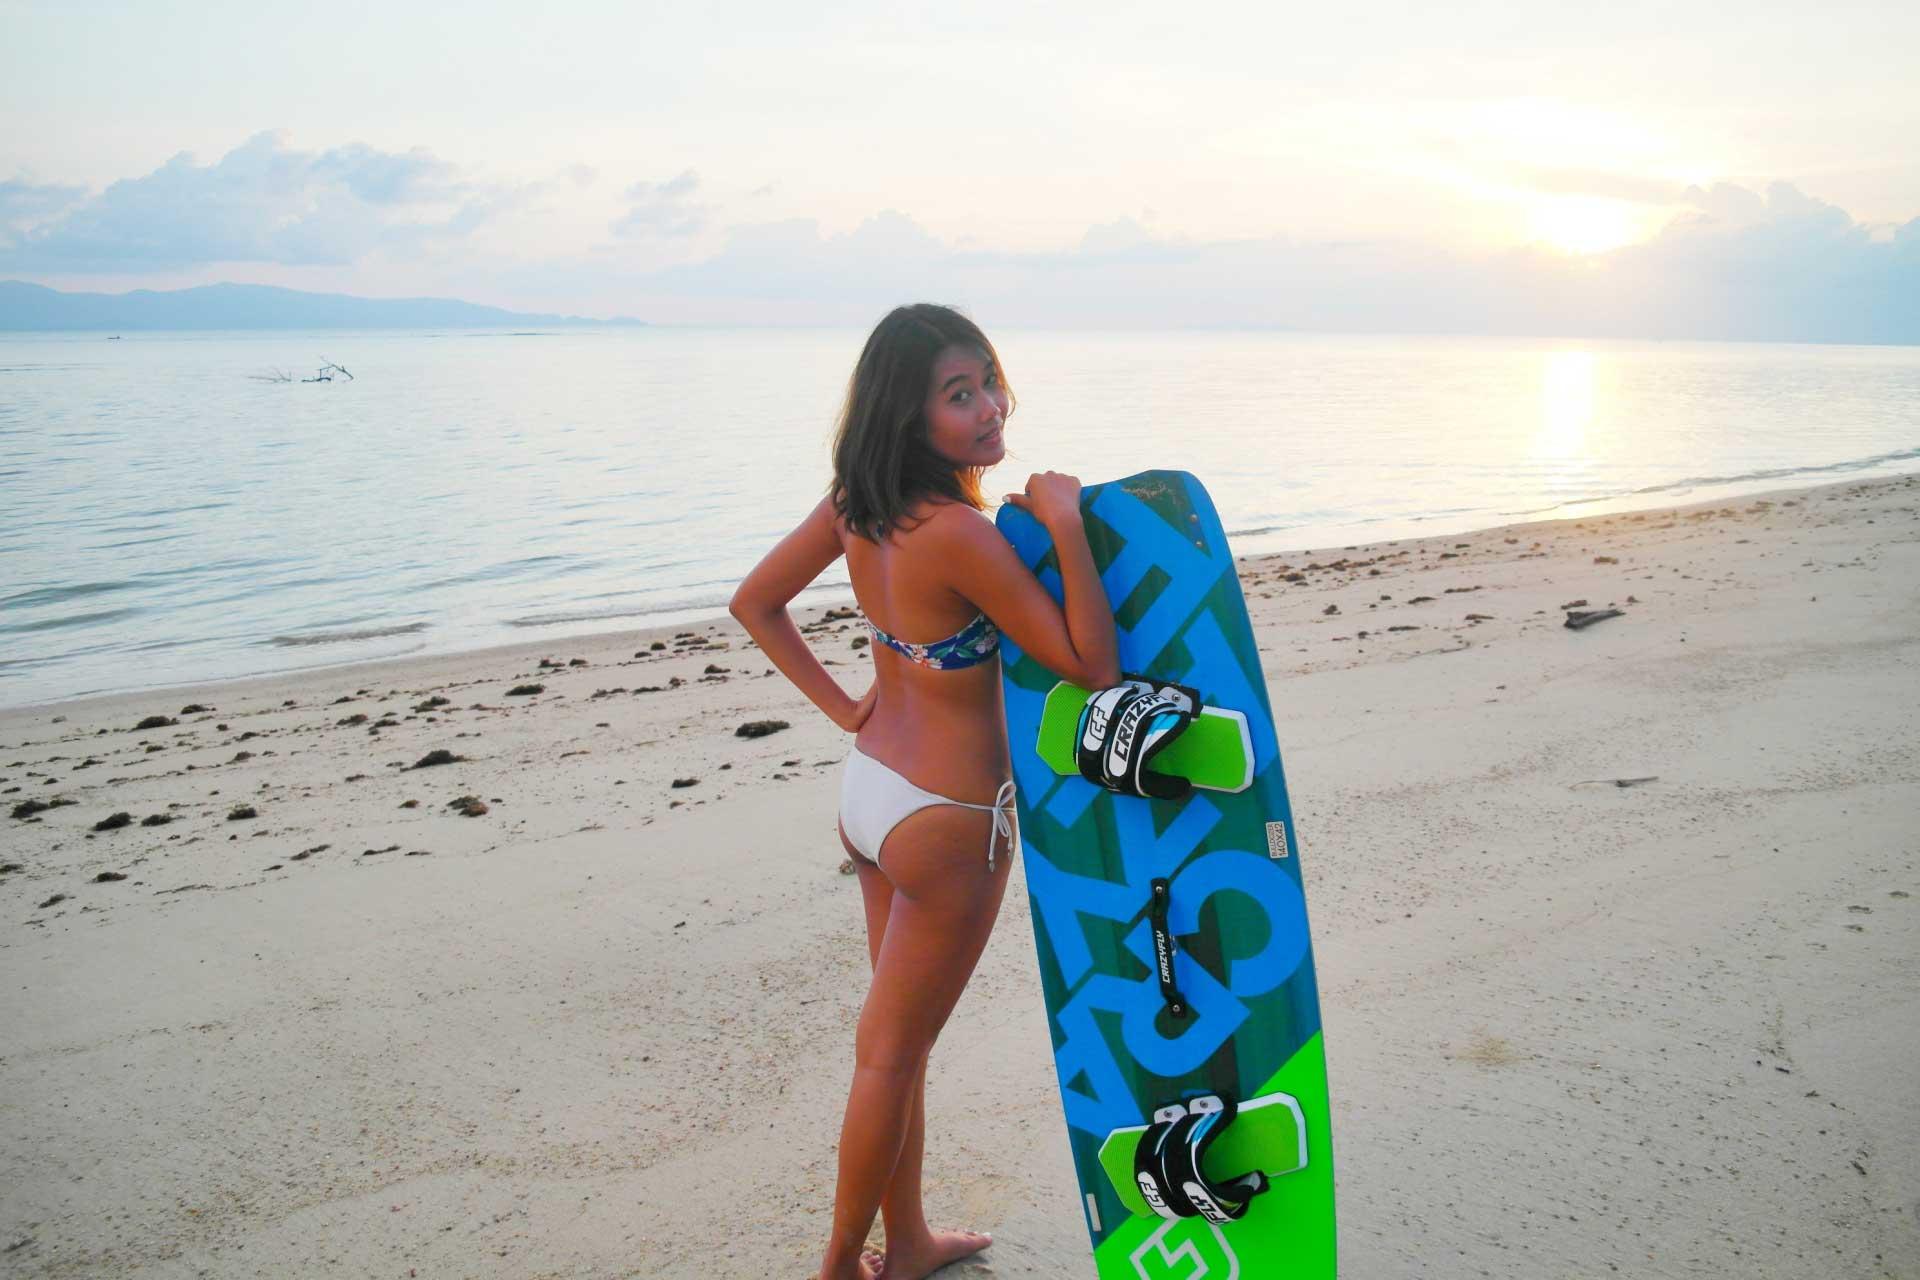 kitesurf paradise - girl